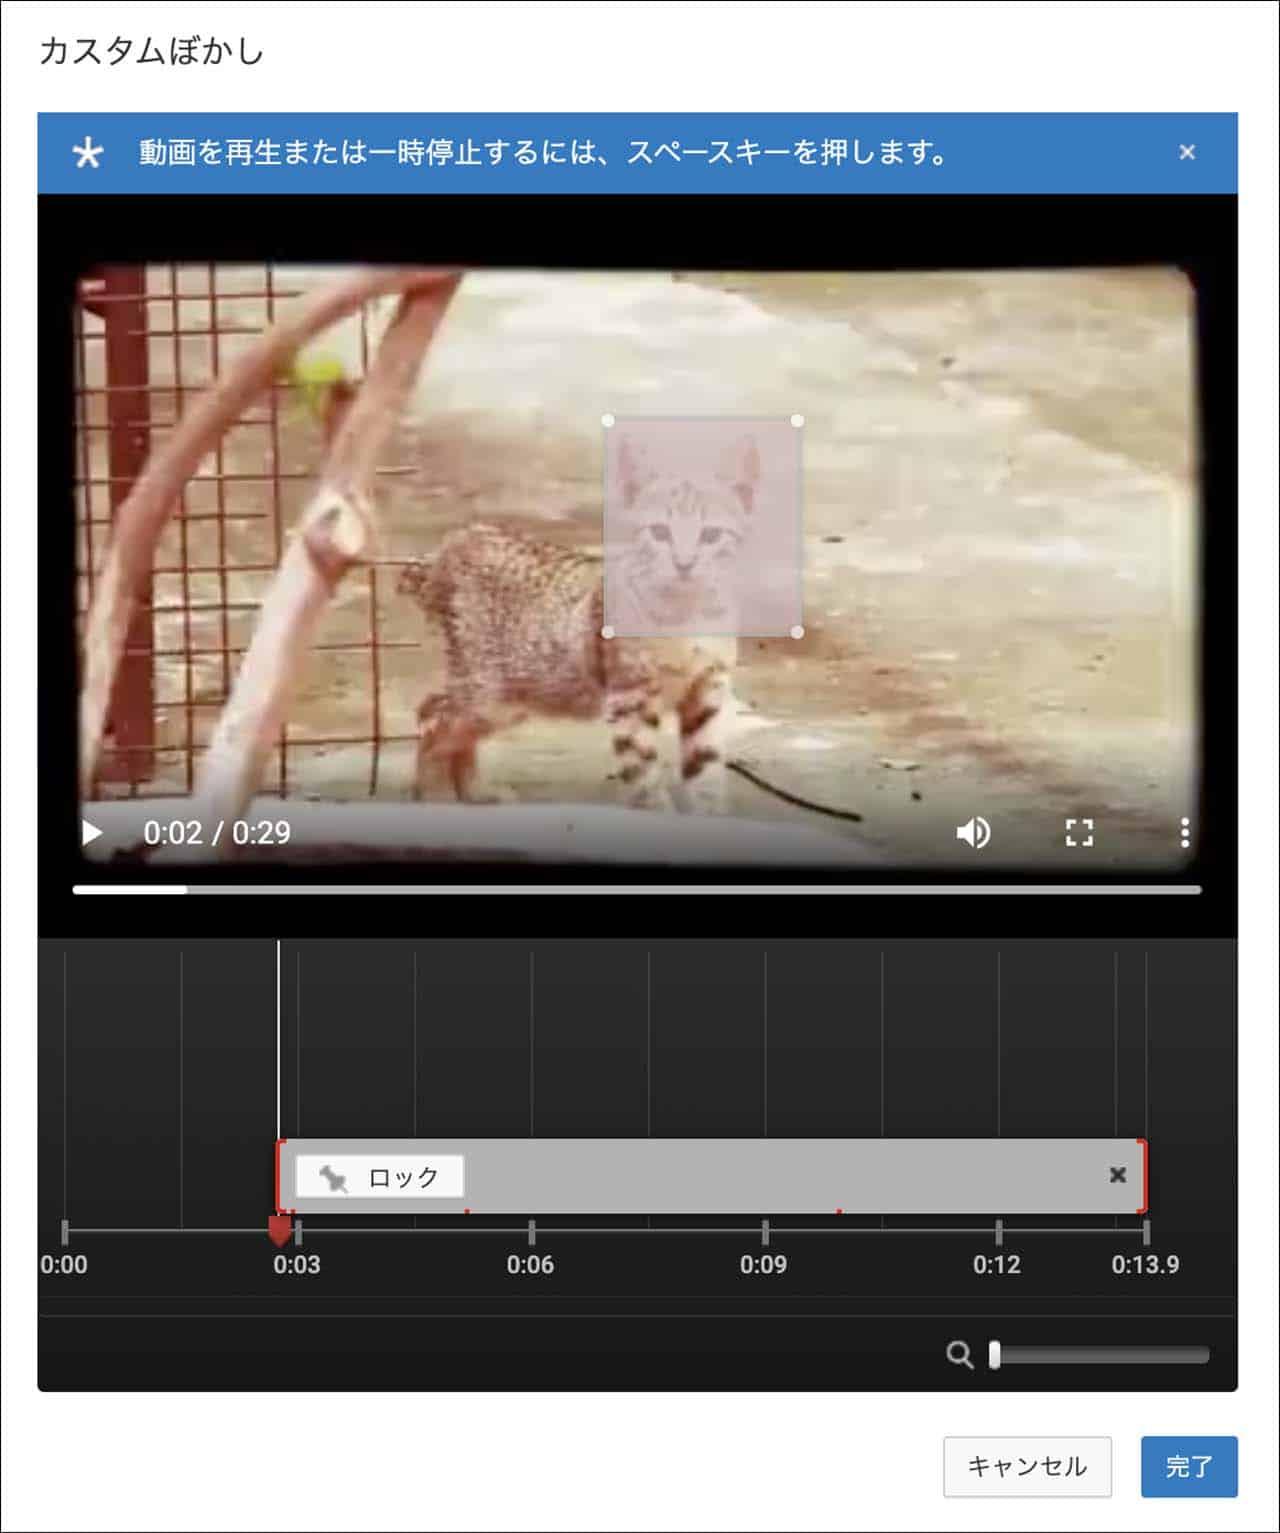 5.プレビュー画面下のバーの位置を動かすことで、ぼかしを入れる位置を調整できます。